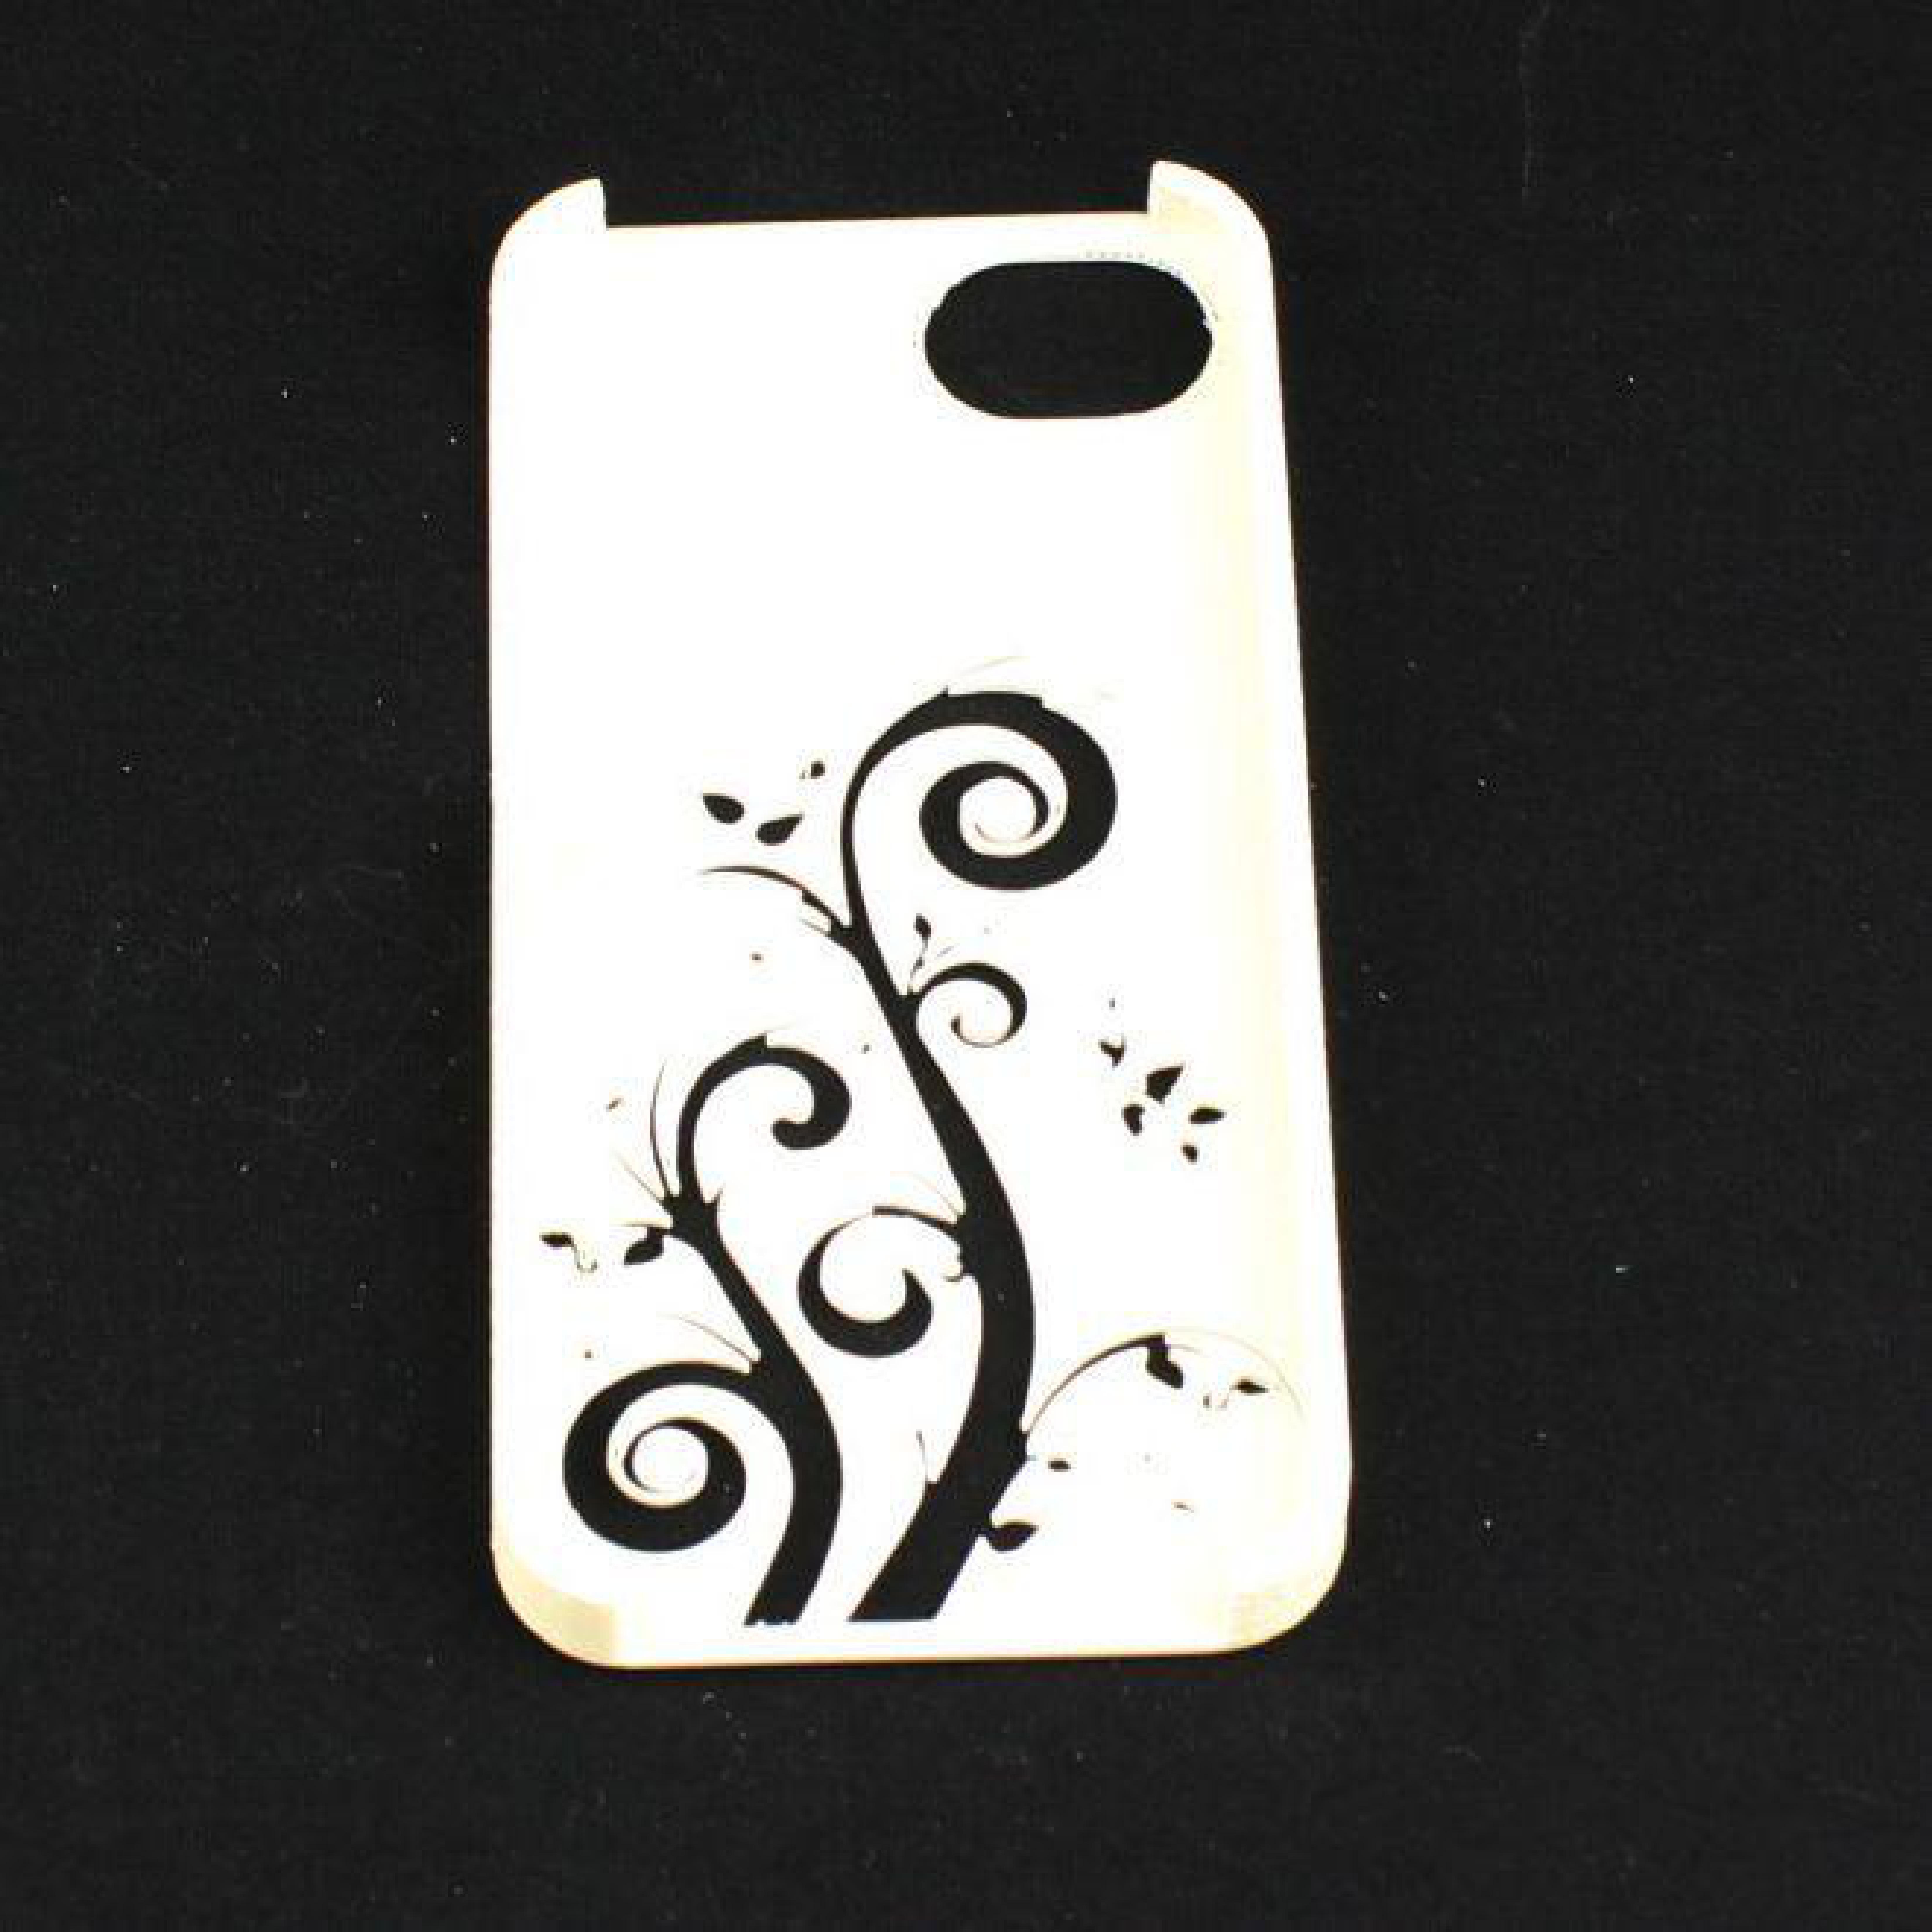 Çiçek Desenli Iphone 5 Kılıfı  Hediyelik Telefon Tutucu Aksesuar